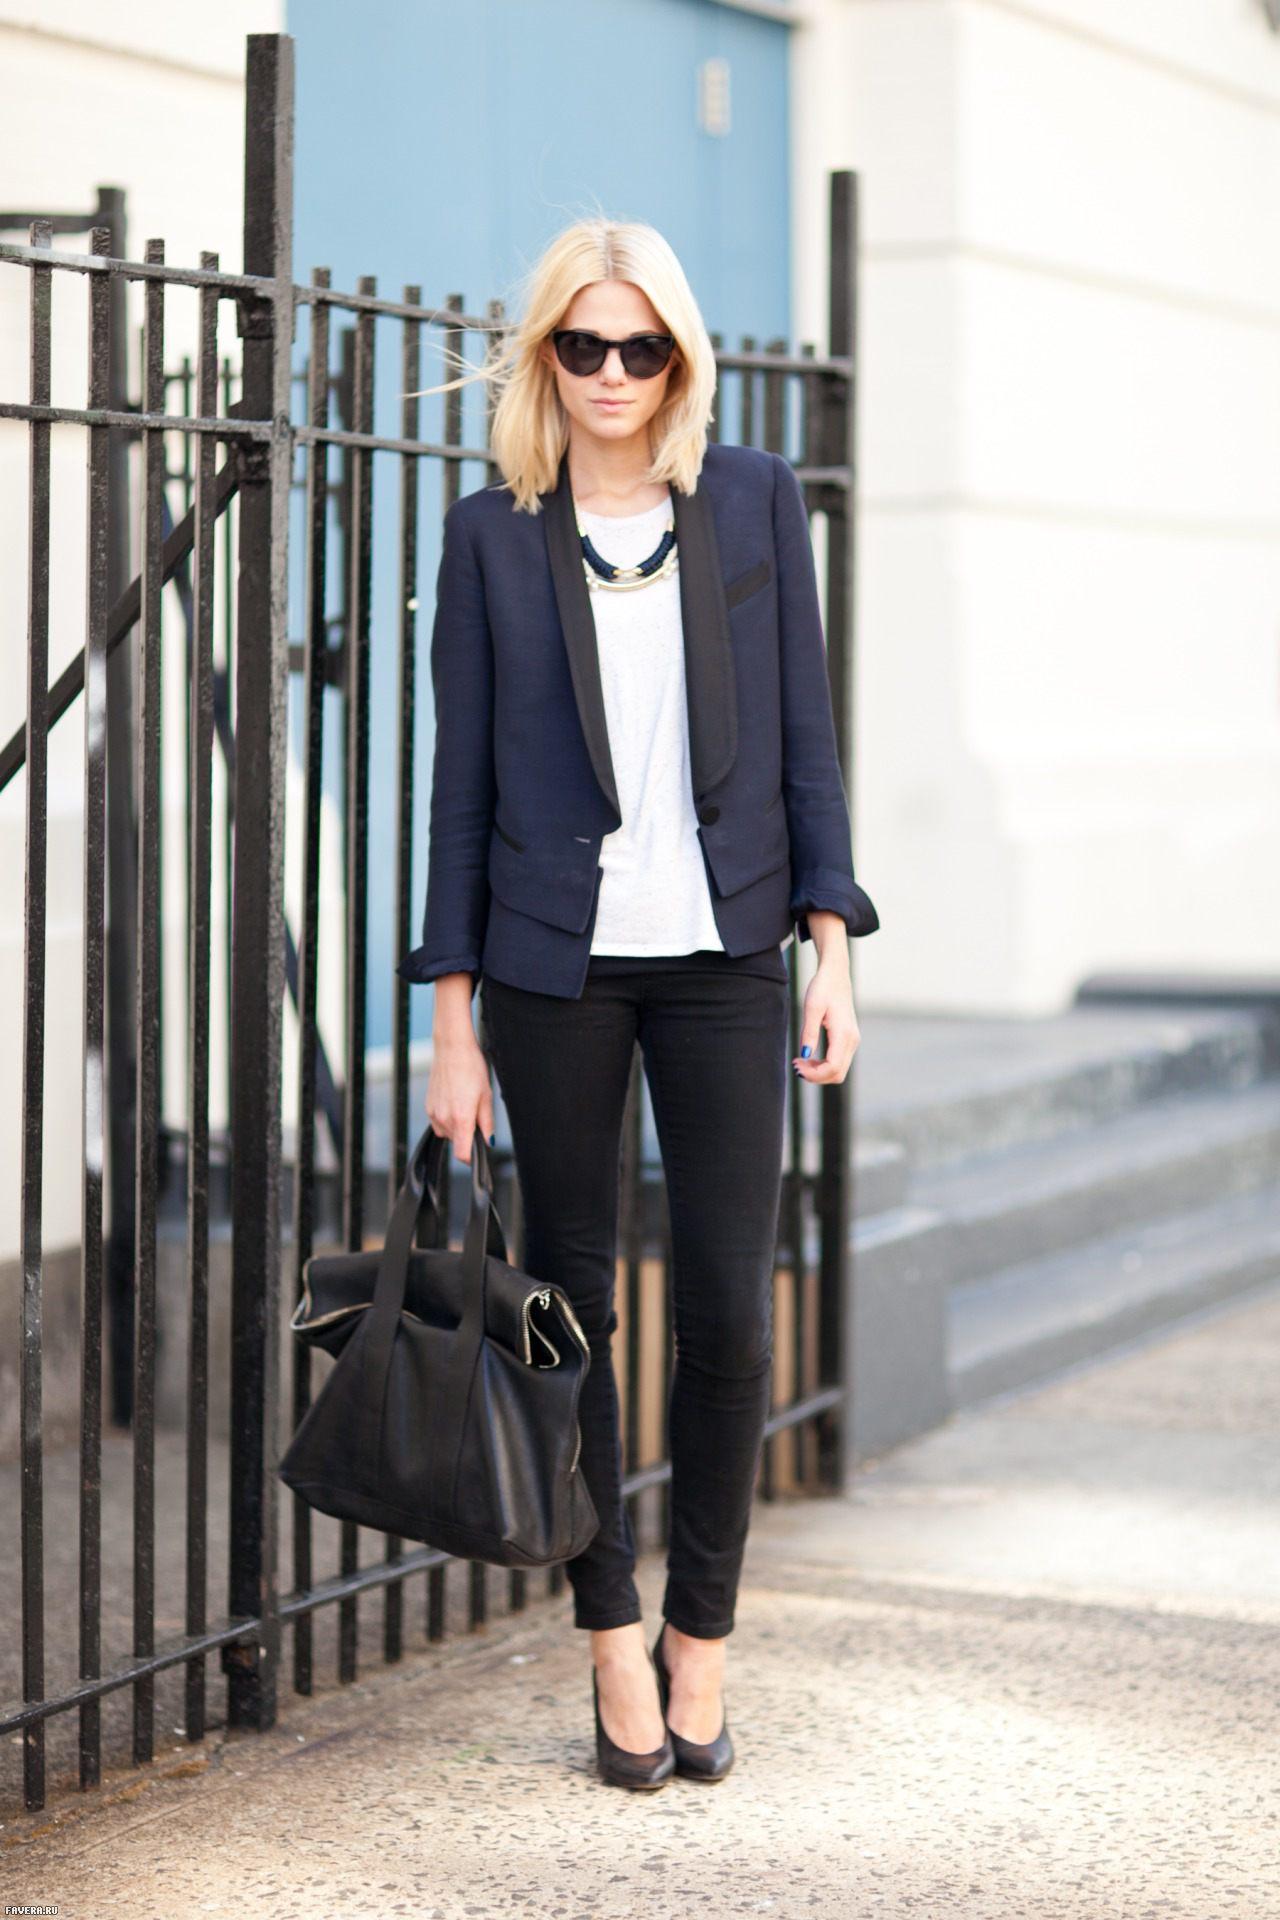 На фото: классический черный брючный костюм с белой блузкой.